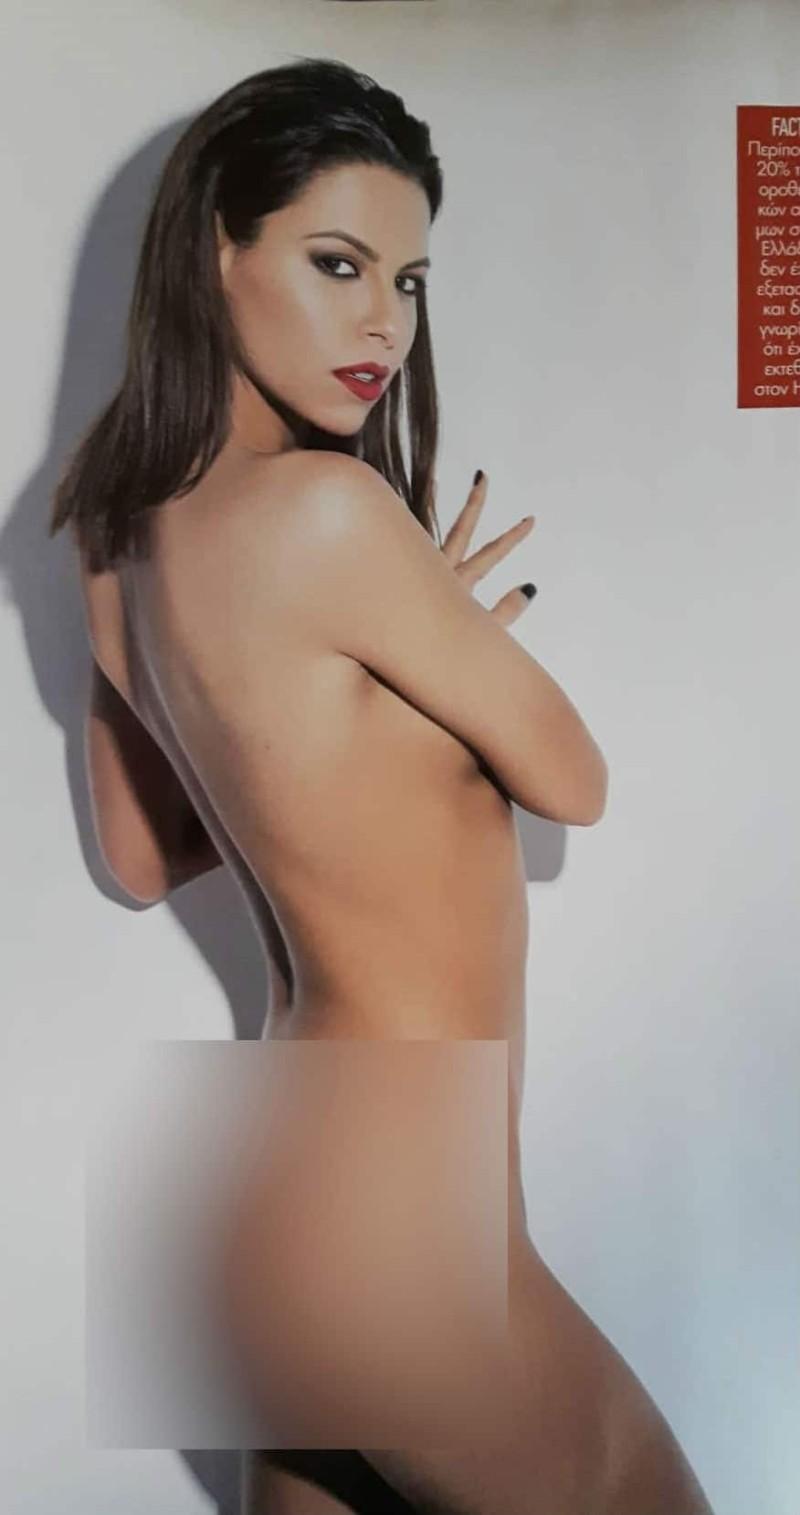 Νέοι Γυμνά φωτογραφία www τελευταία XXX βίντεο com